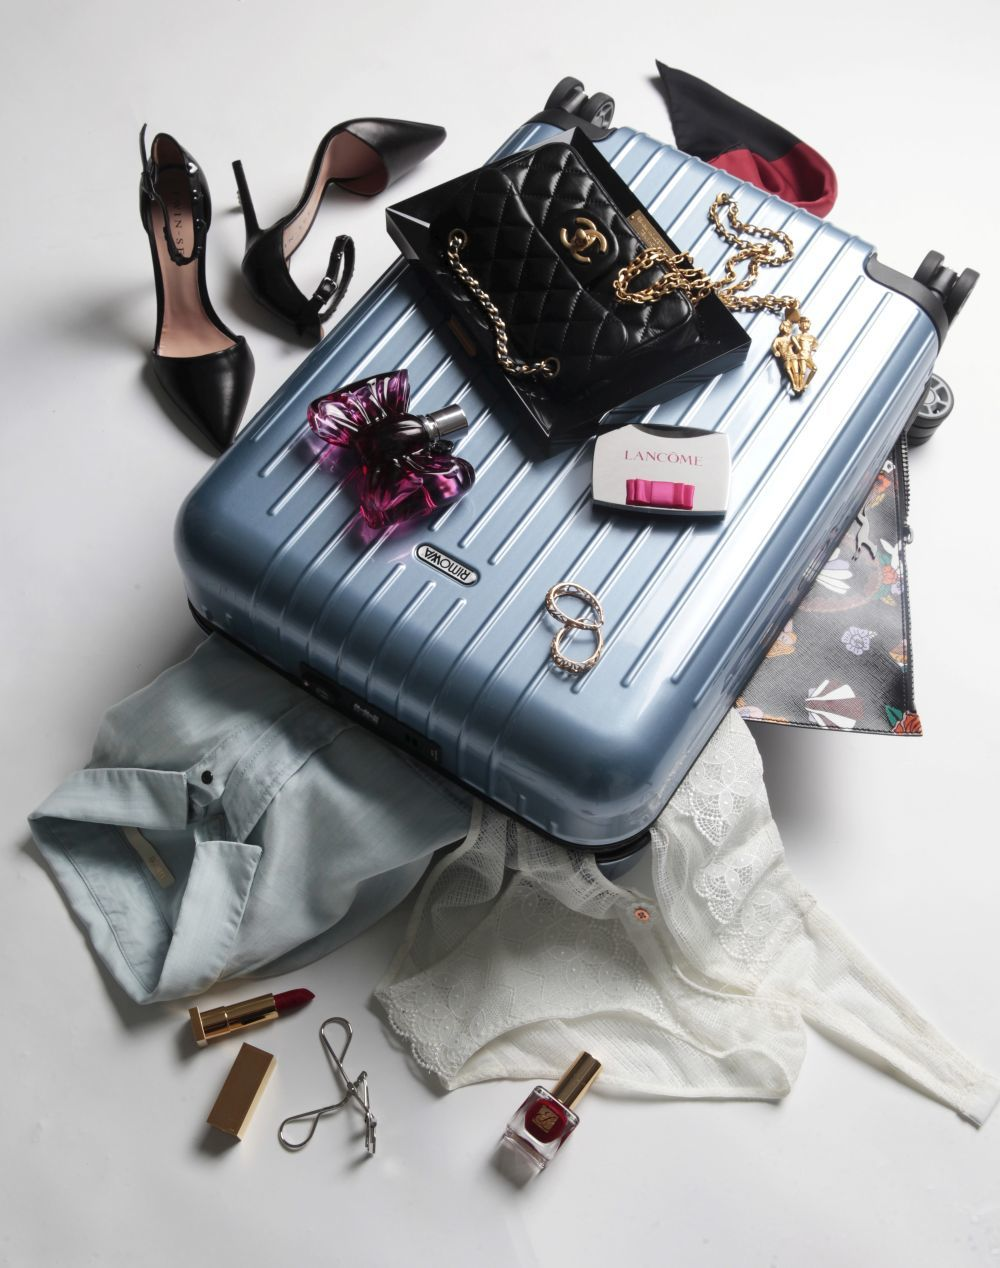 Descubre las prendas que componen la perfecta maleta de fin de semana.